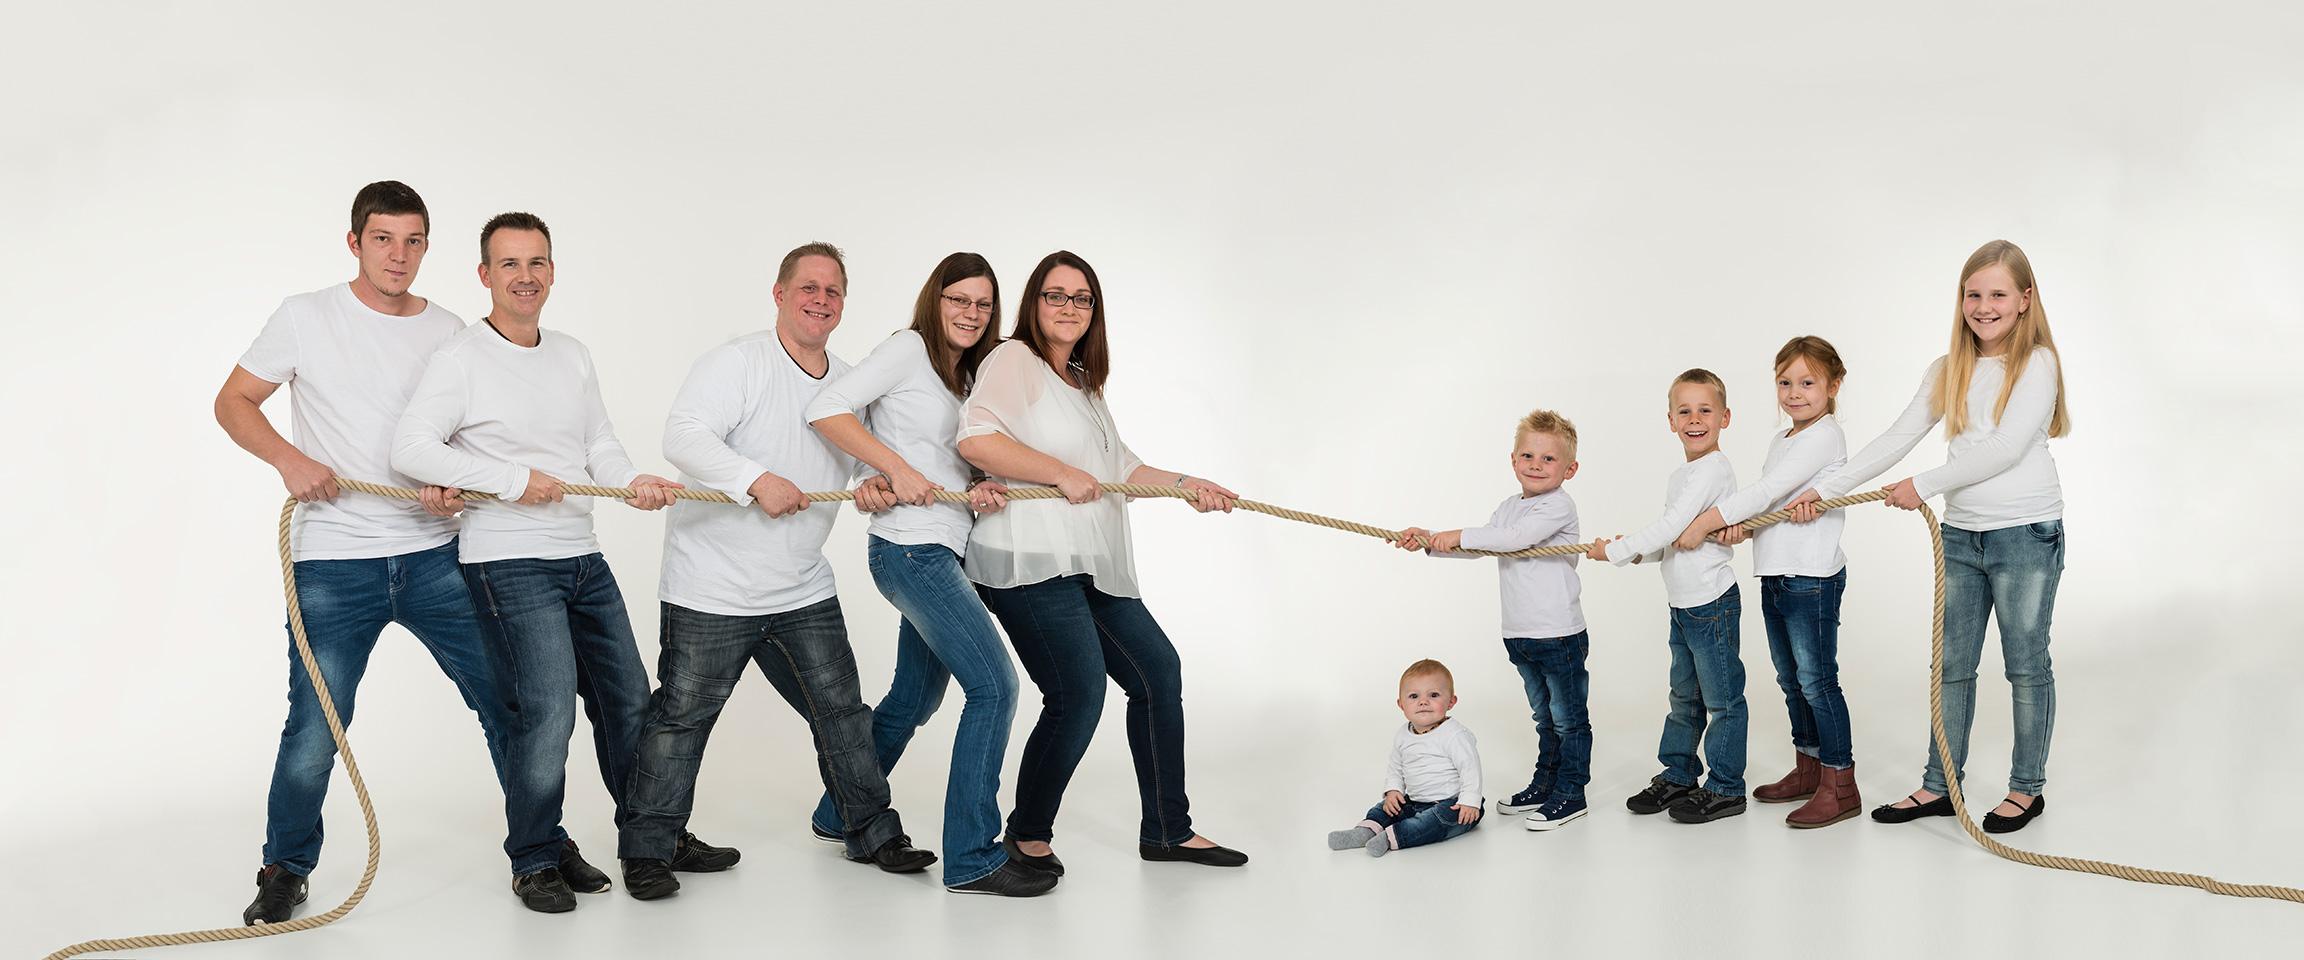 Familienfoto beim Tau ziehen und massig Spa?